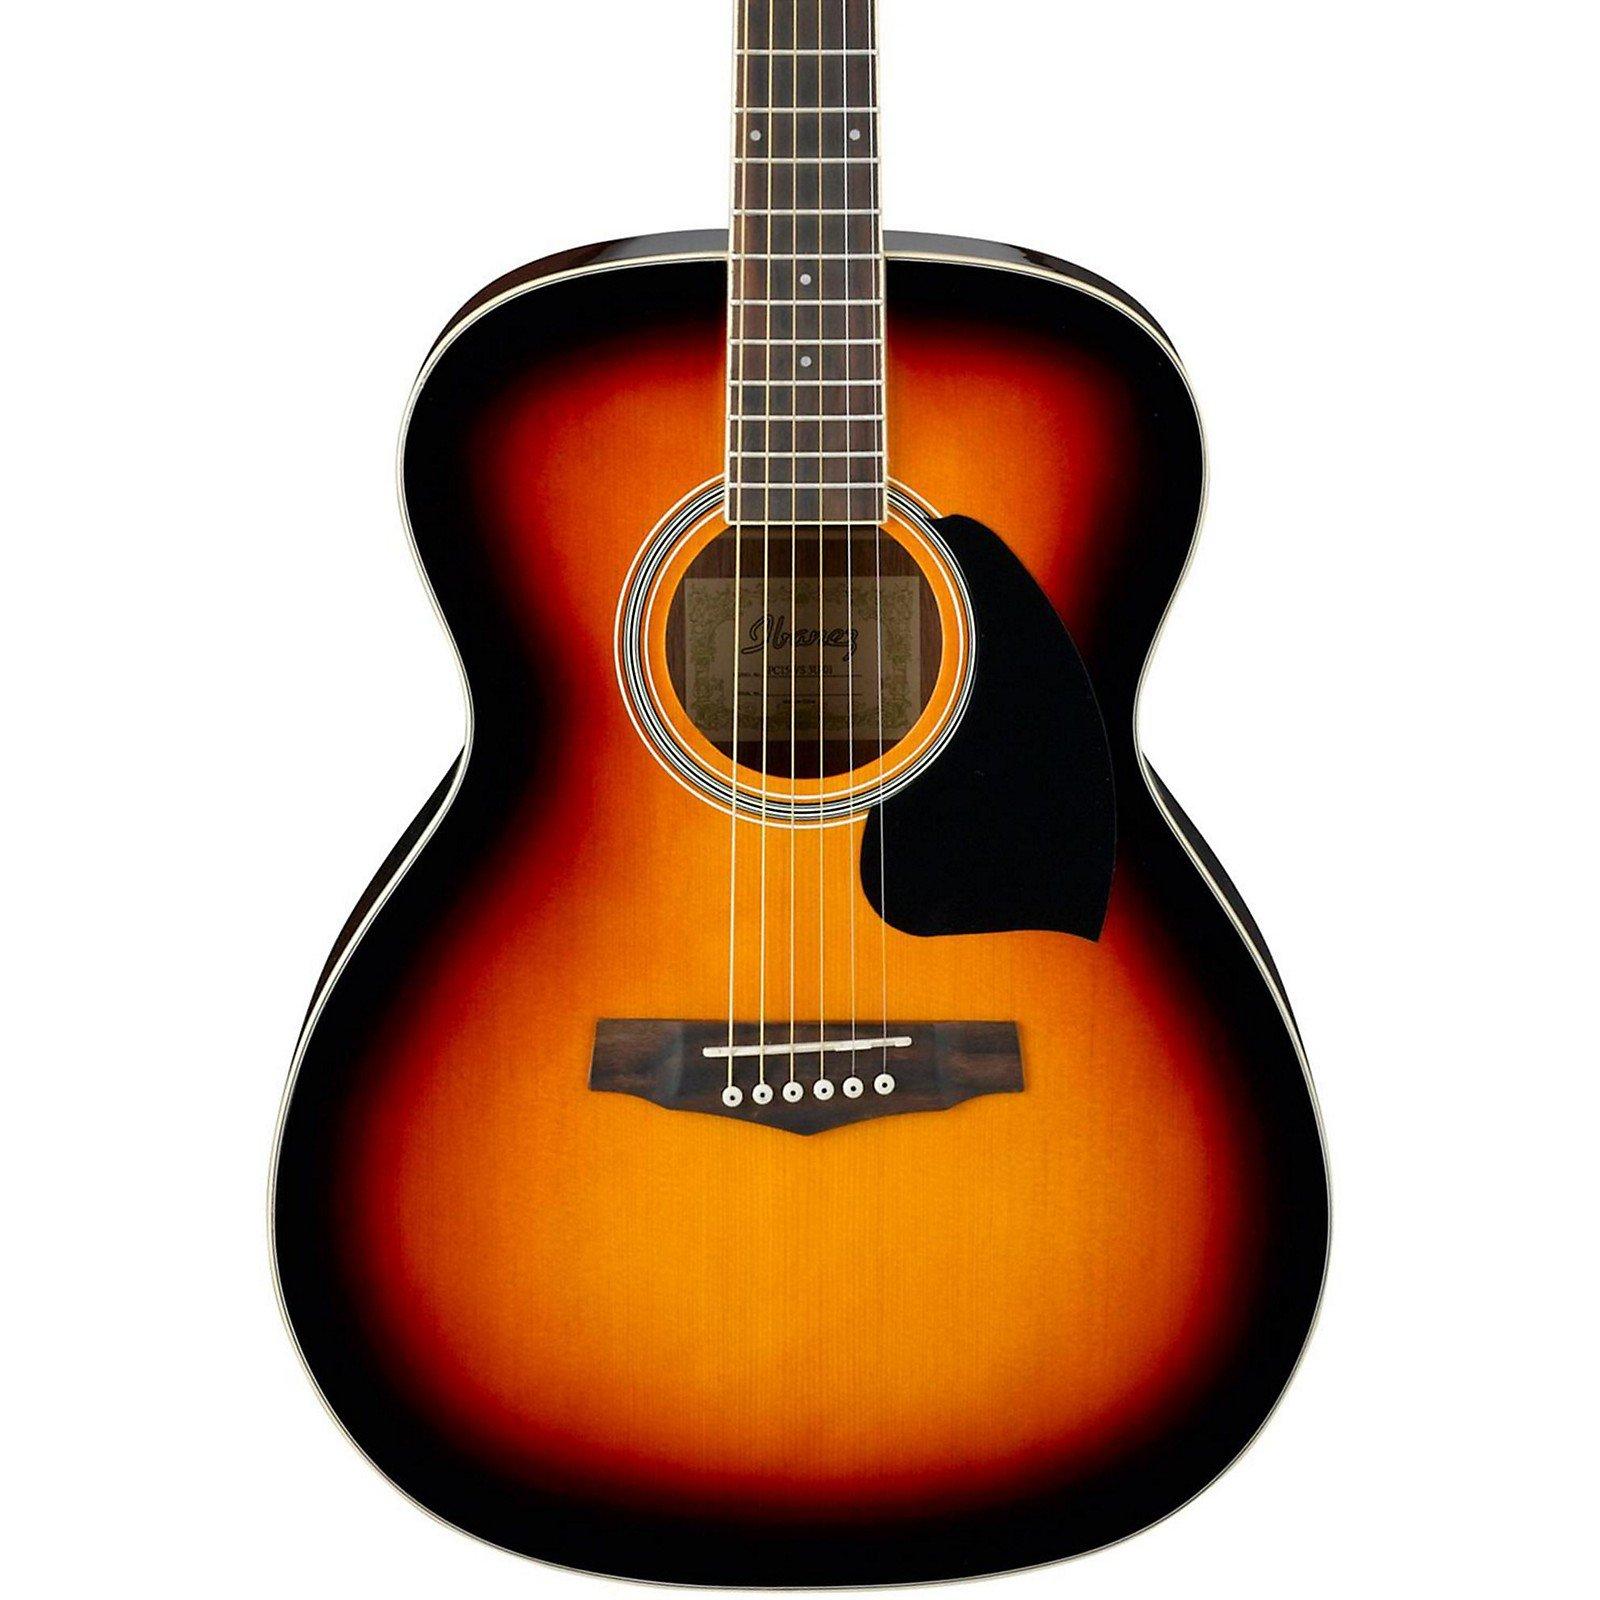 Ibanez PC15VS Performance Series Grand Concert Acoustic Guitar - Vintage Sunburst